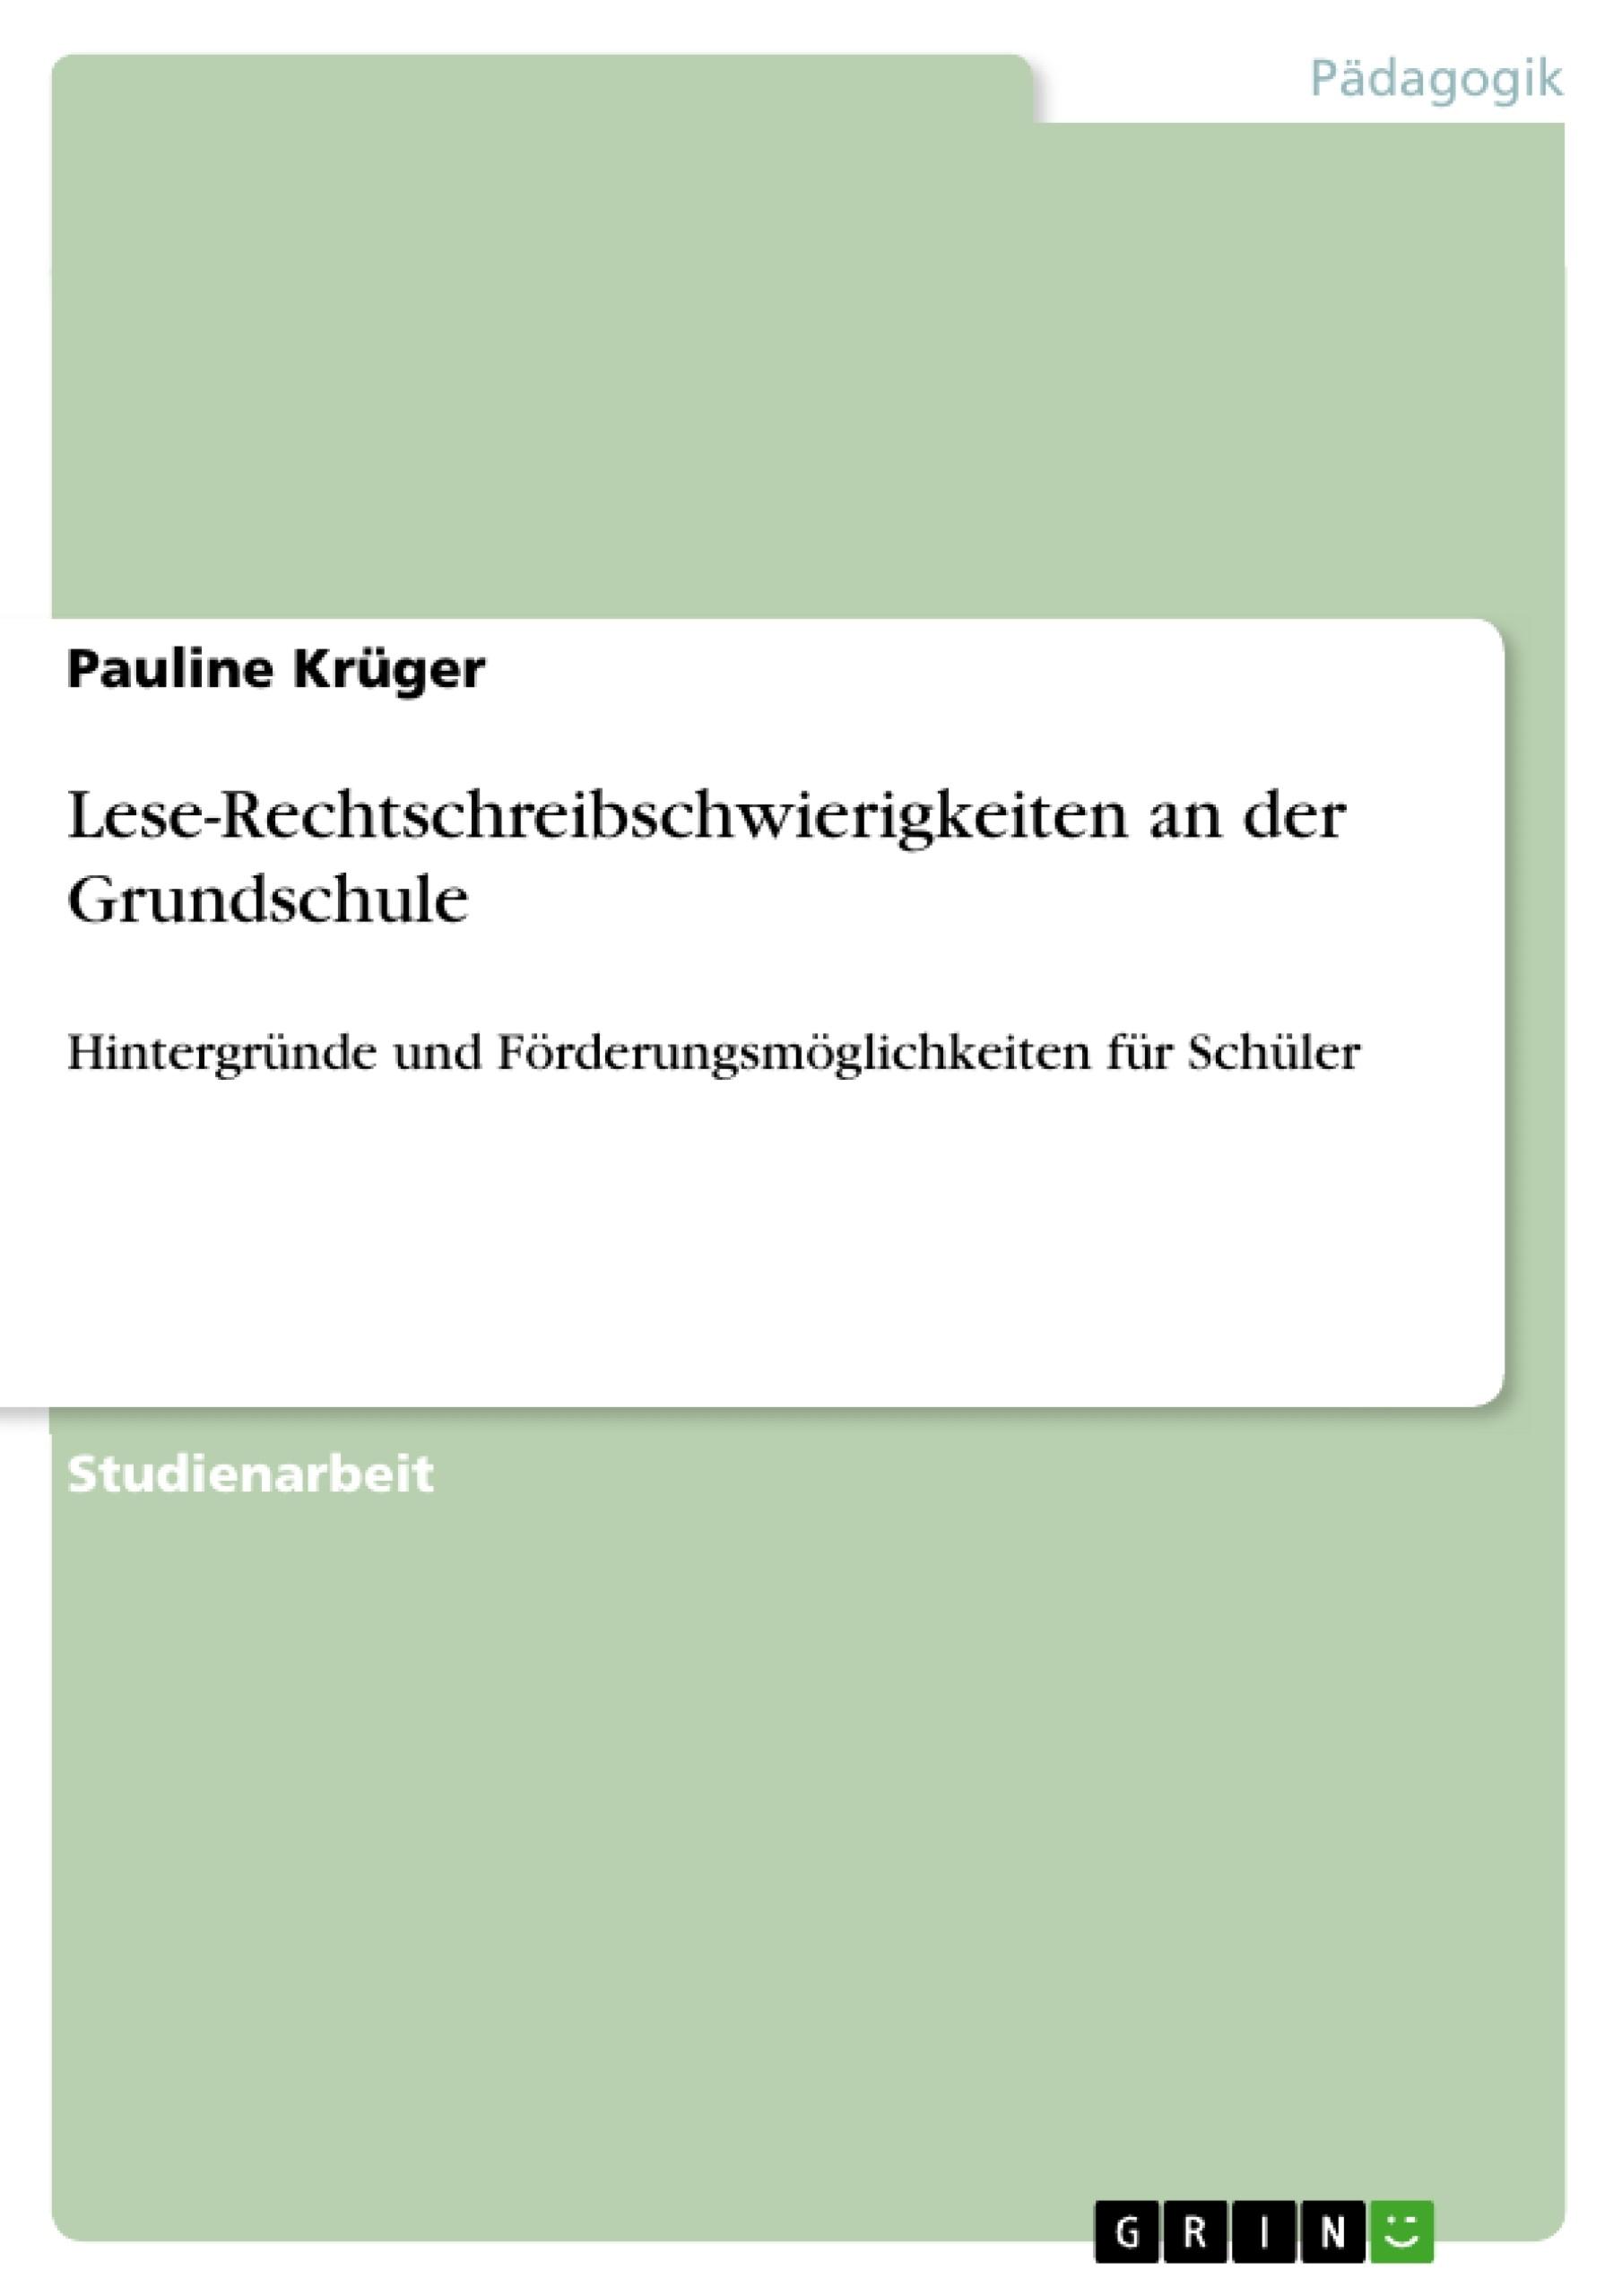 Titel: Lese-Rechtschreibschwierigkeiten an der Grundschule